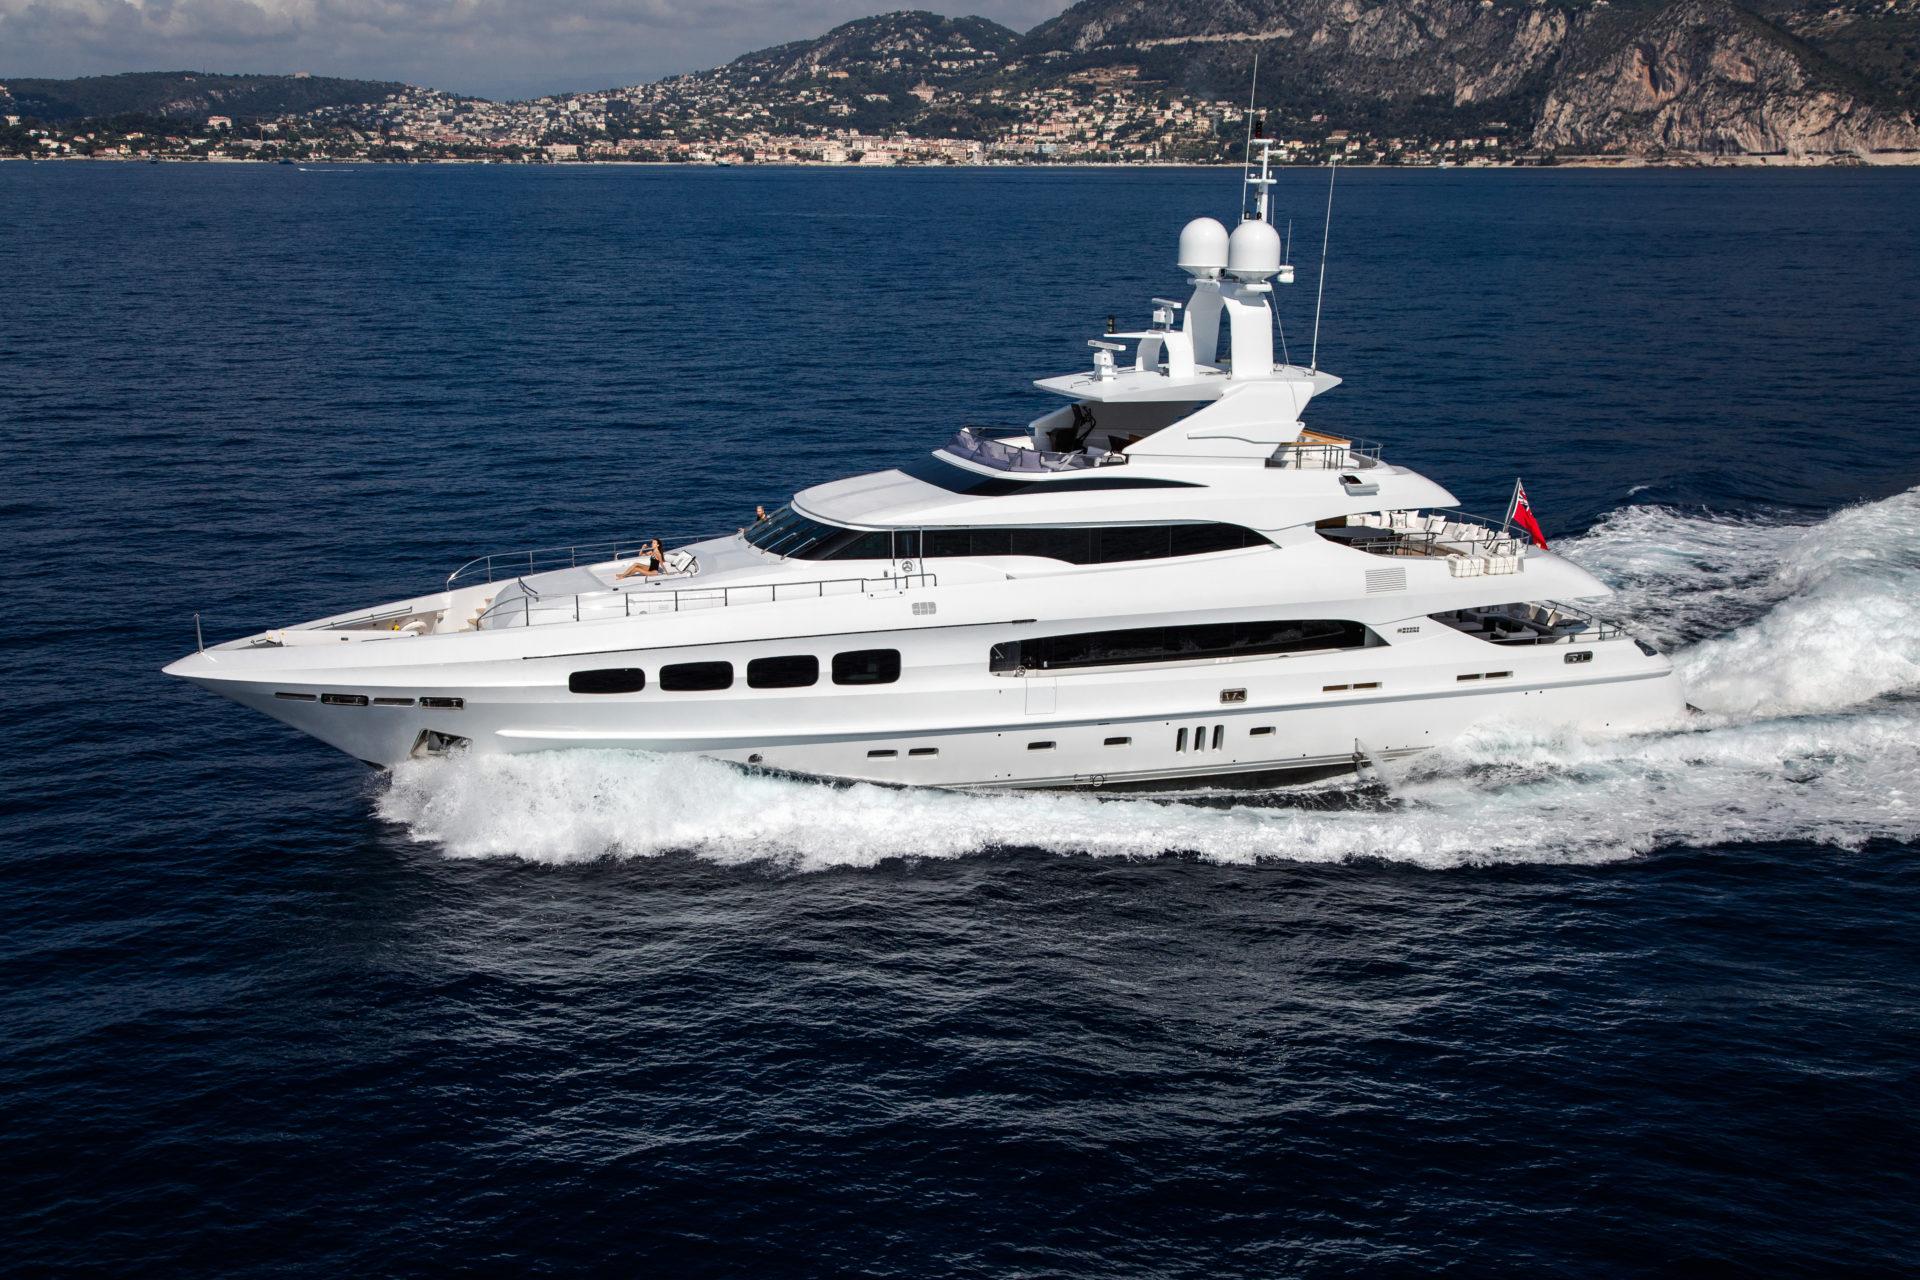 yacht-charter-yachting-TJB